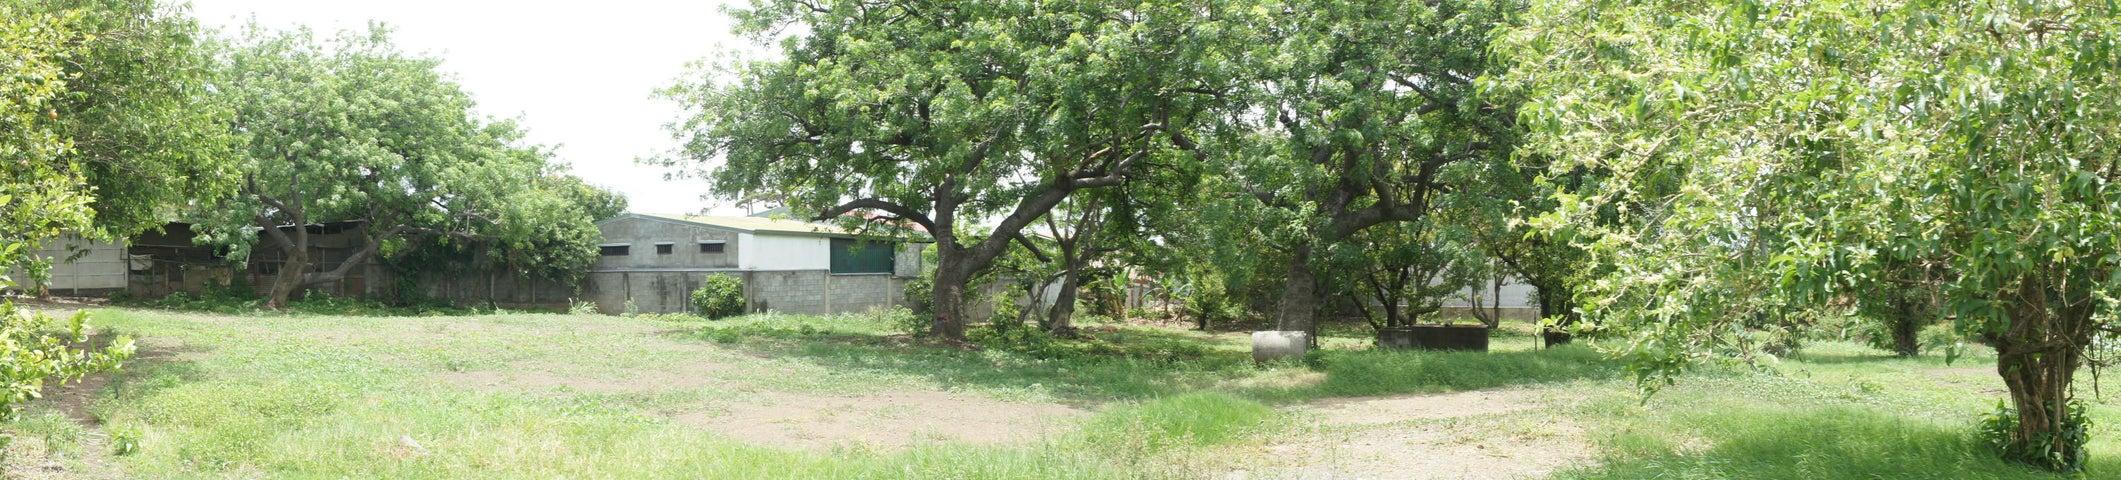 Terreno San Jose>Rio Oro>Santa Ana - Venta:1.500.000 US Dollar - codigo: 19-630